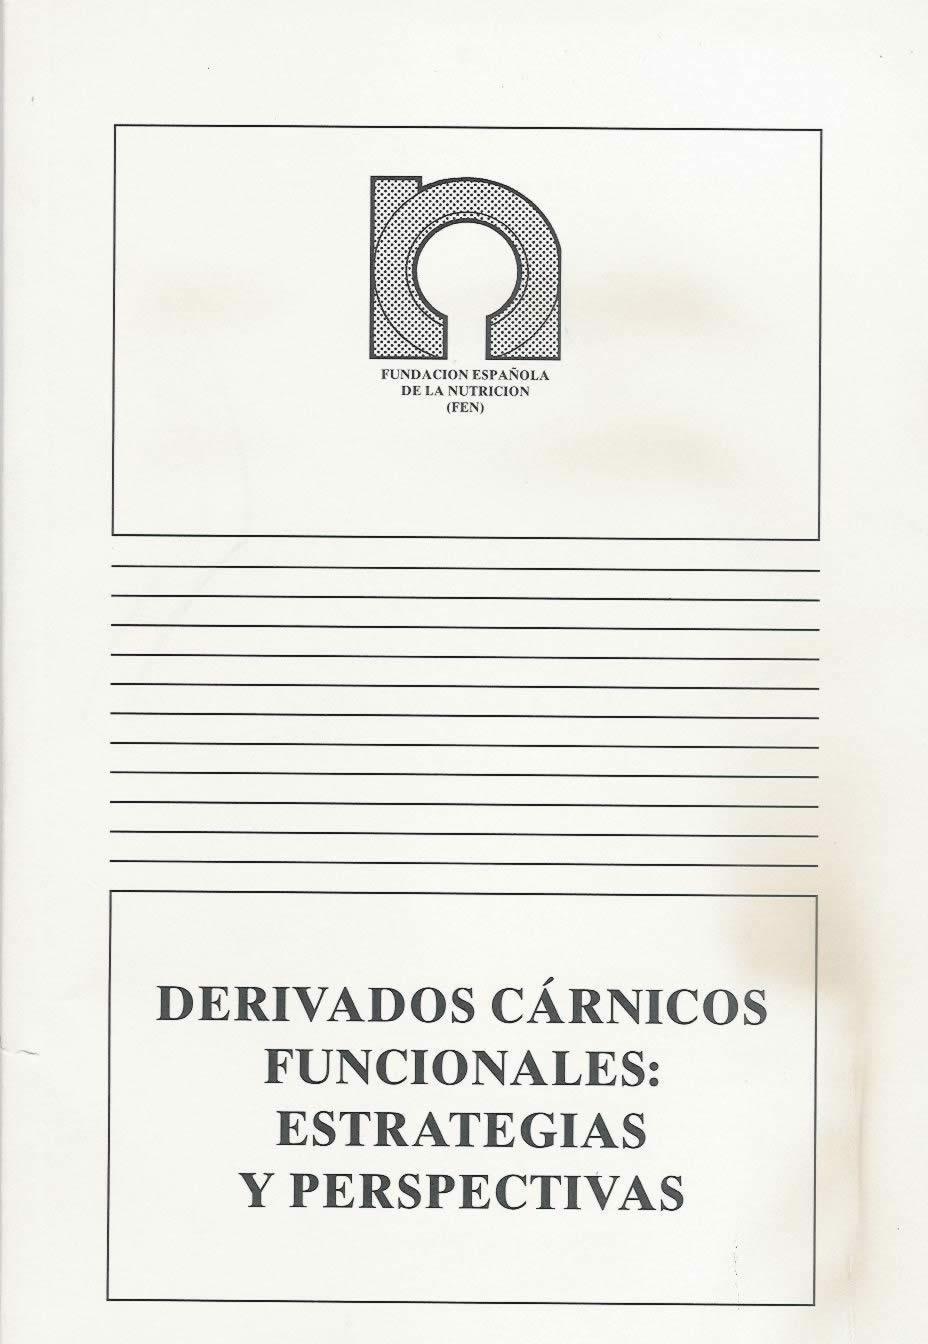 Derivados cárnicos funcionales: estrategias y perspectivas.